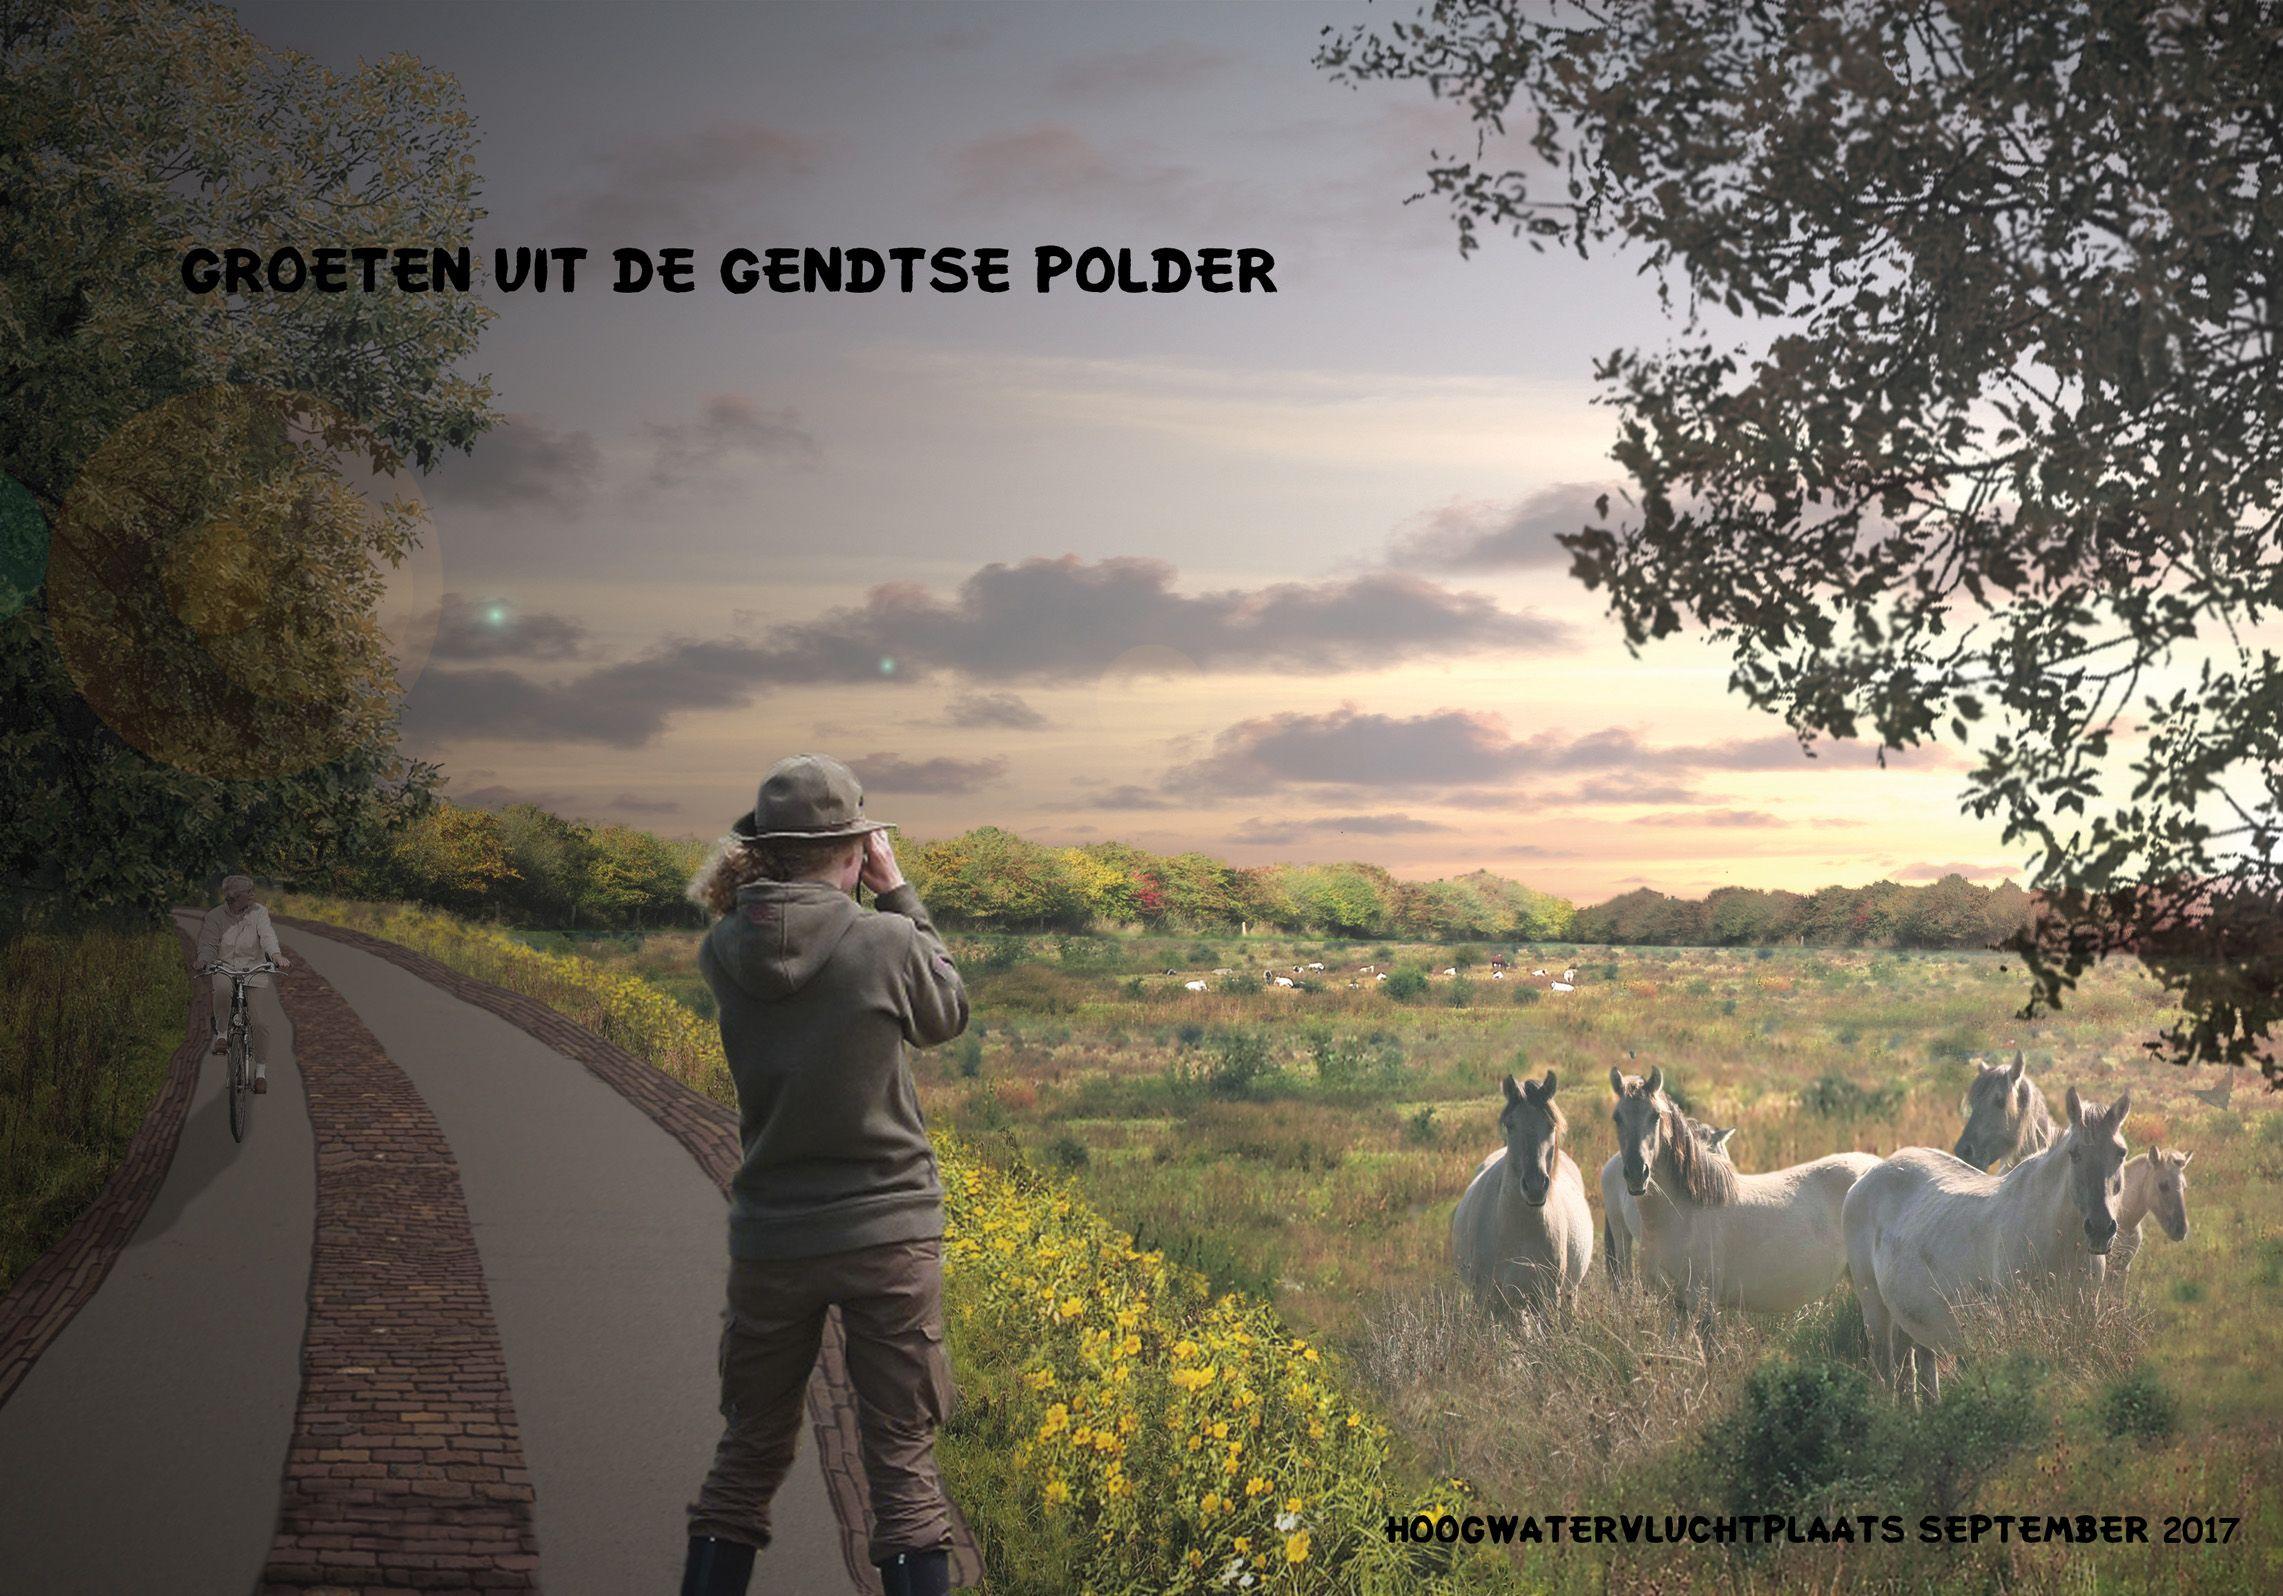 Beeld voor de Gendtse Waard in 2017. De hoogwatervluchtplaats is gesitueerd op de oude steendroogvelden van de baksteenfabrieken en  beschermt nu het wild en de grote grazers tegen hoog water. # Inge Vleemingh